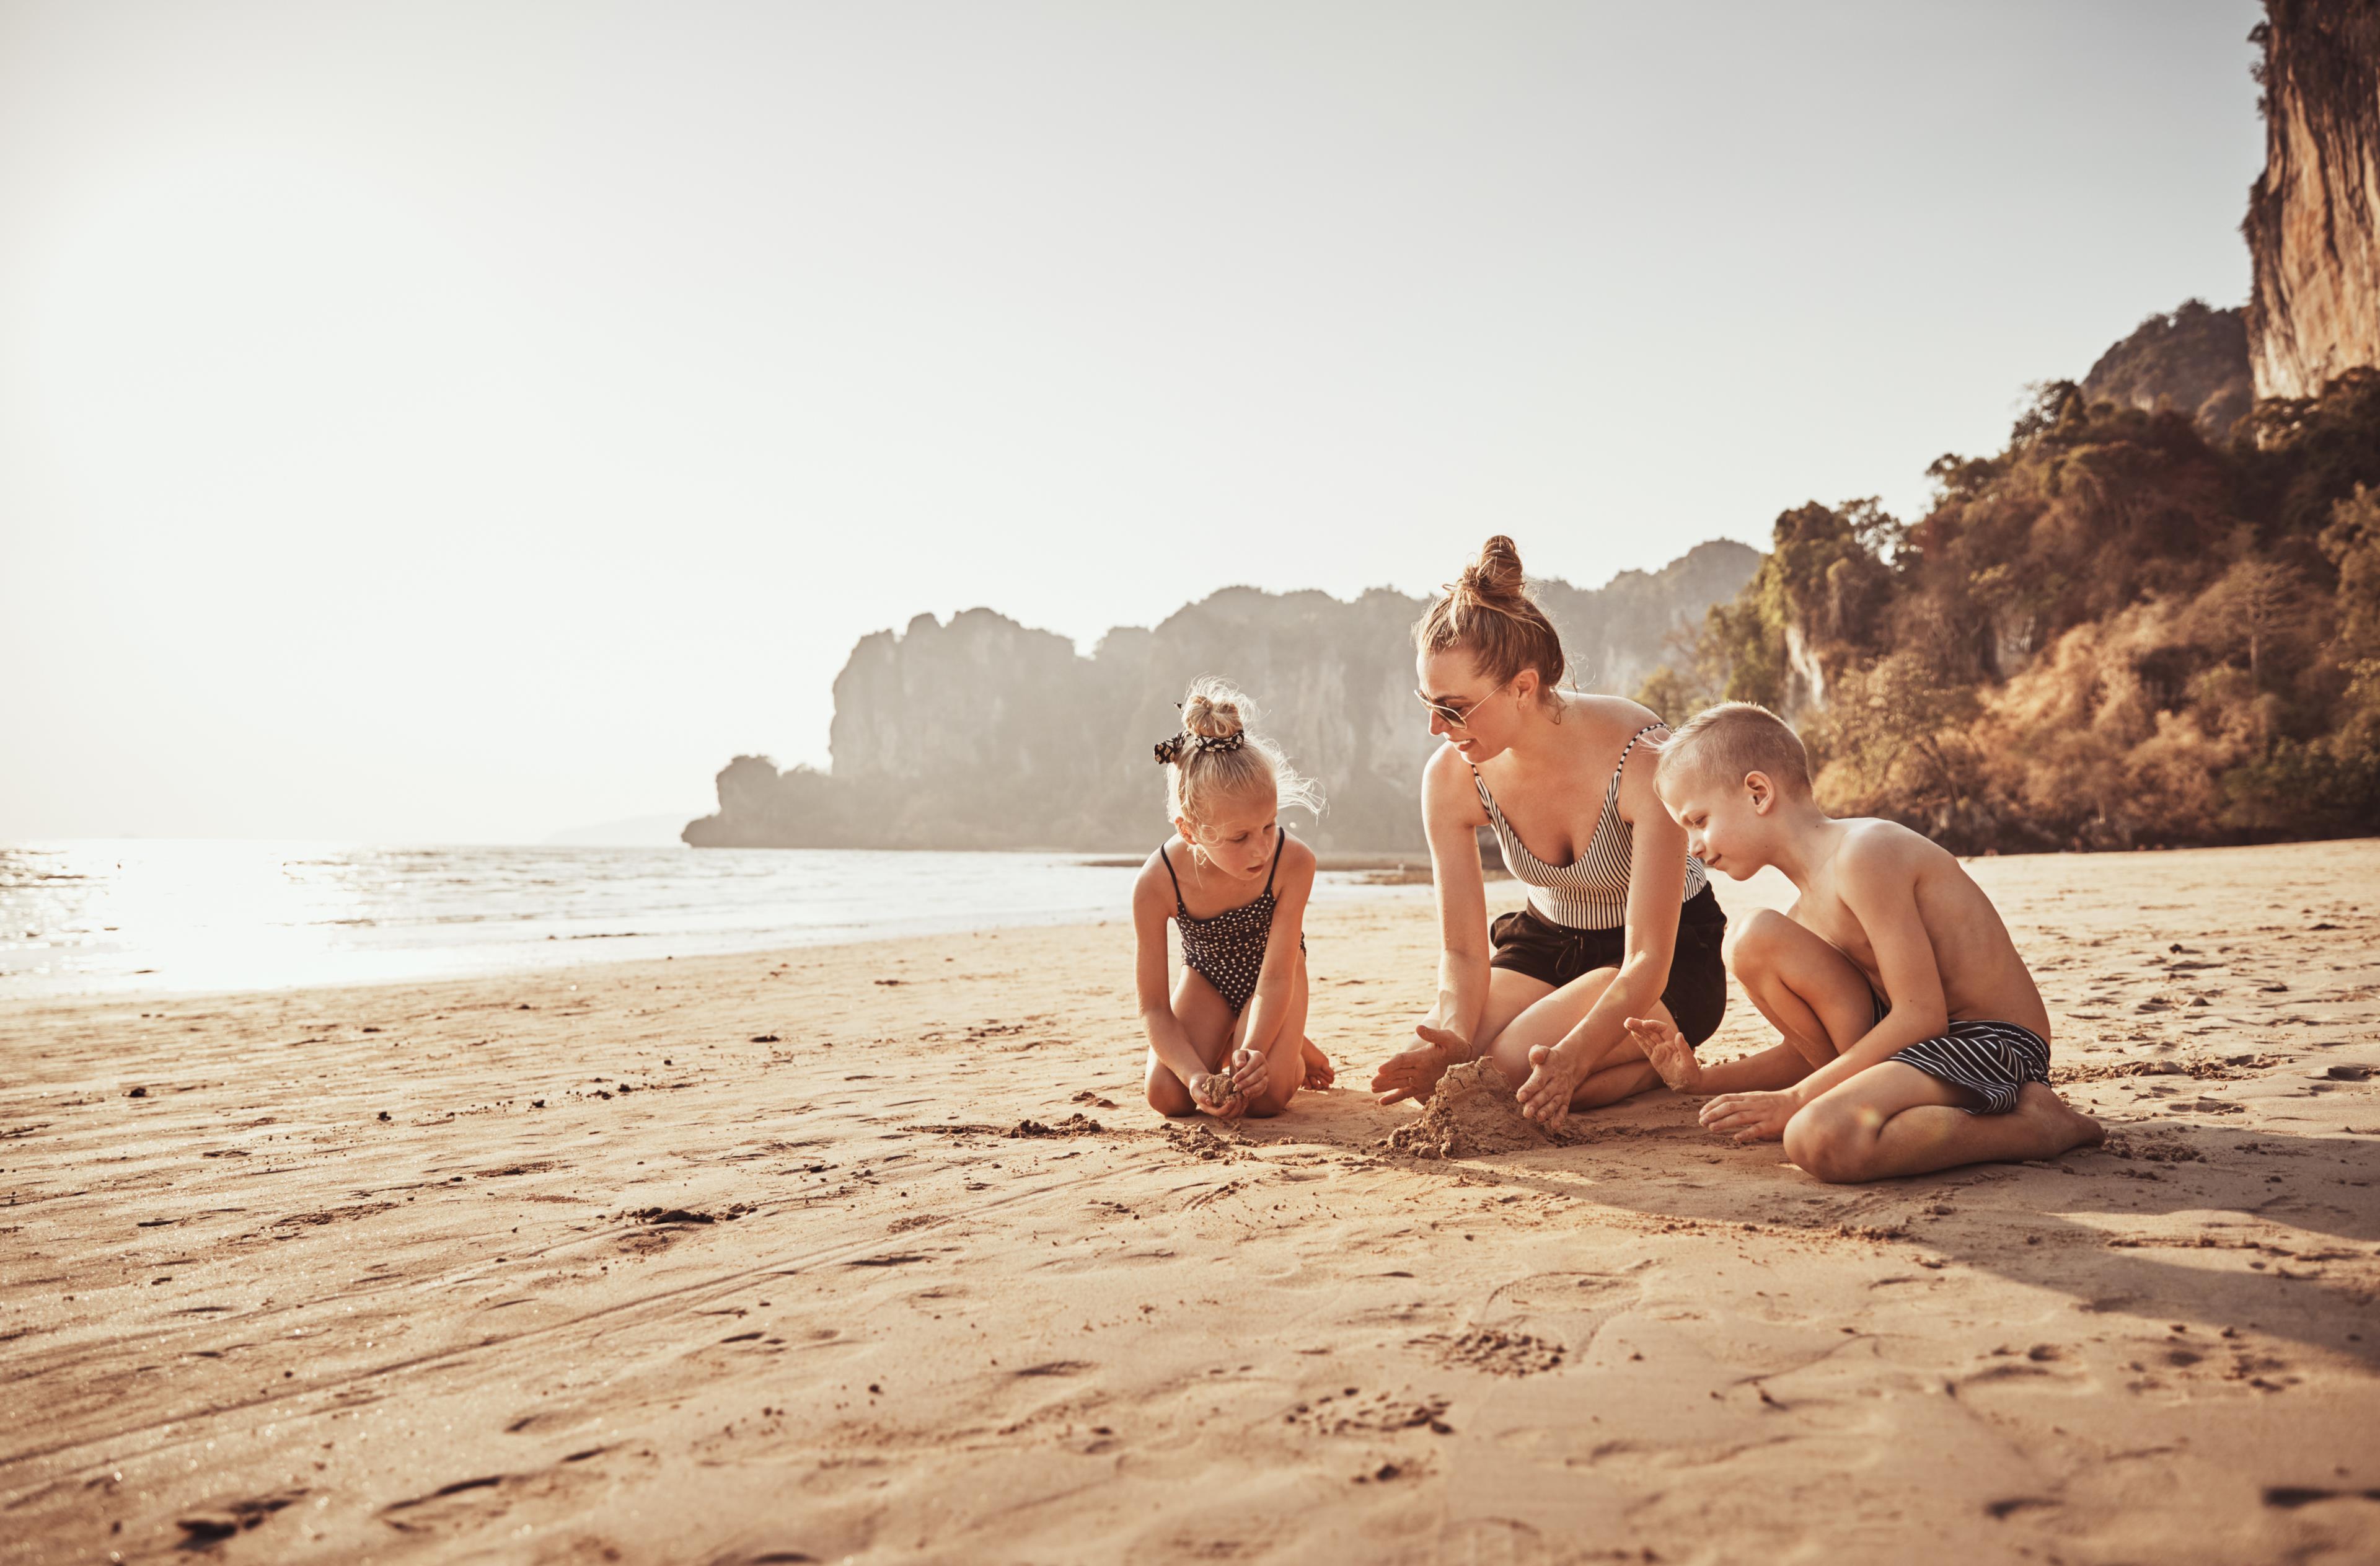 Giochi da fare sulla spiaggia con i bambini